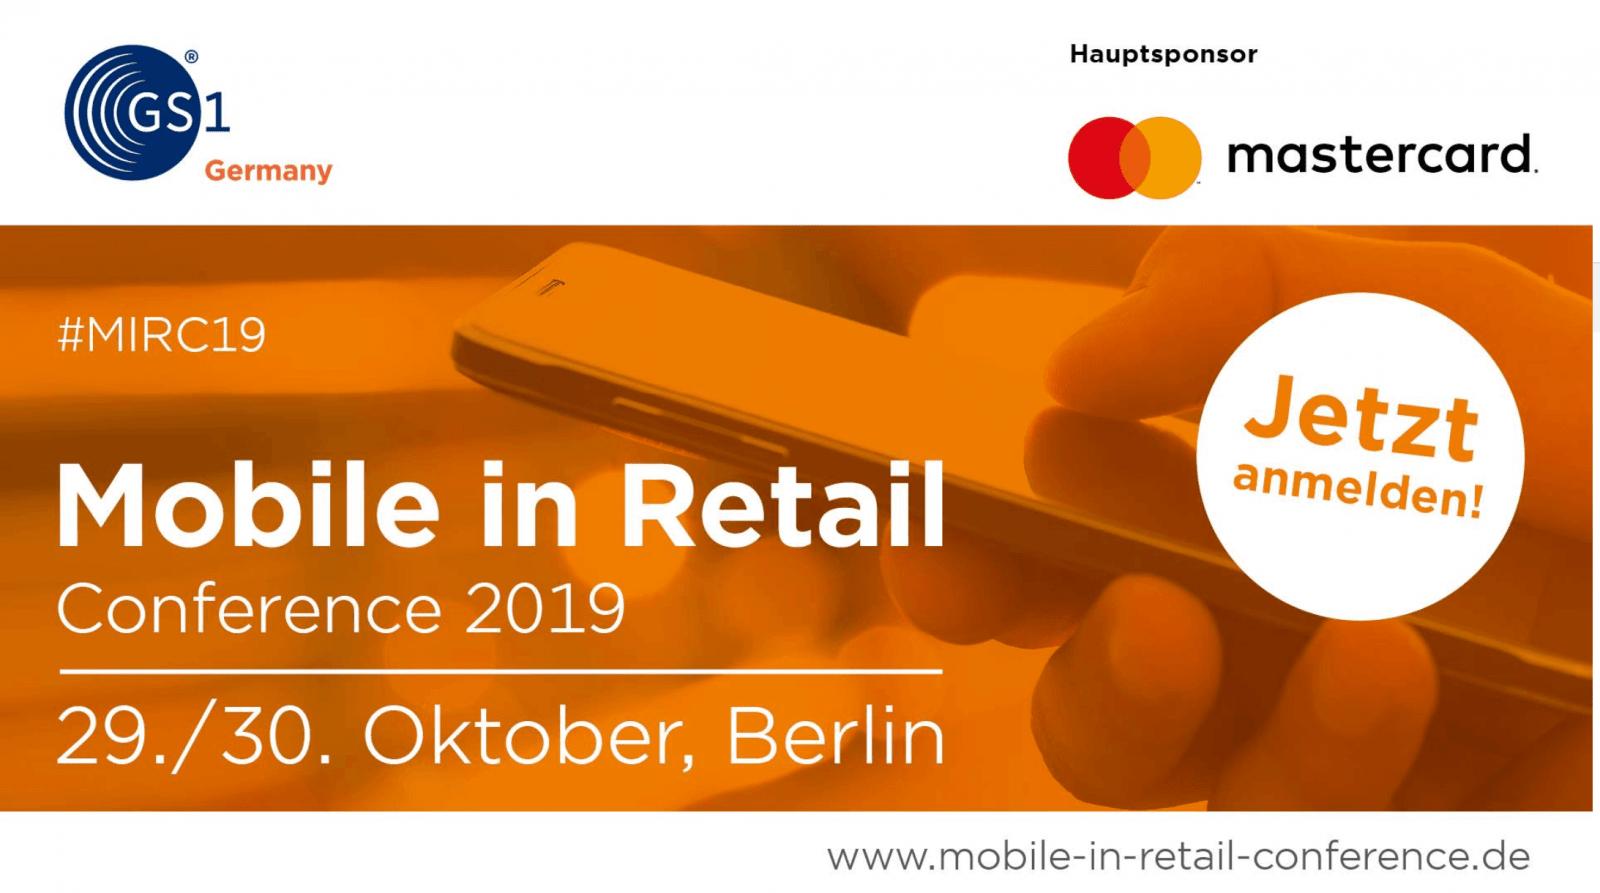 Moderatorin Carmen Hentschel moderiert die Mobile in Retail Konferenz für GS1